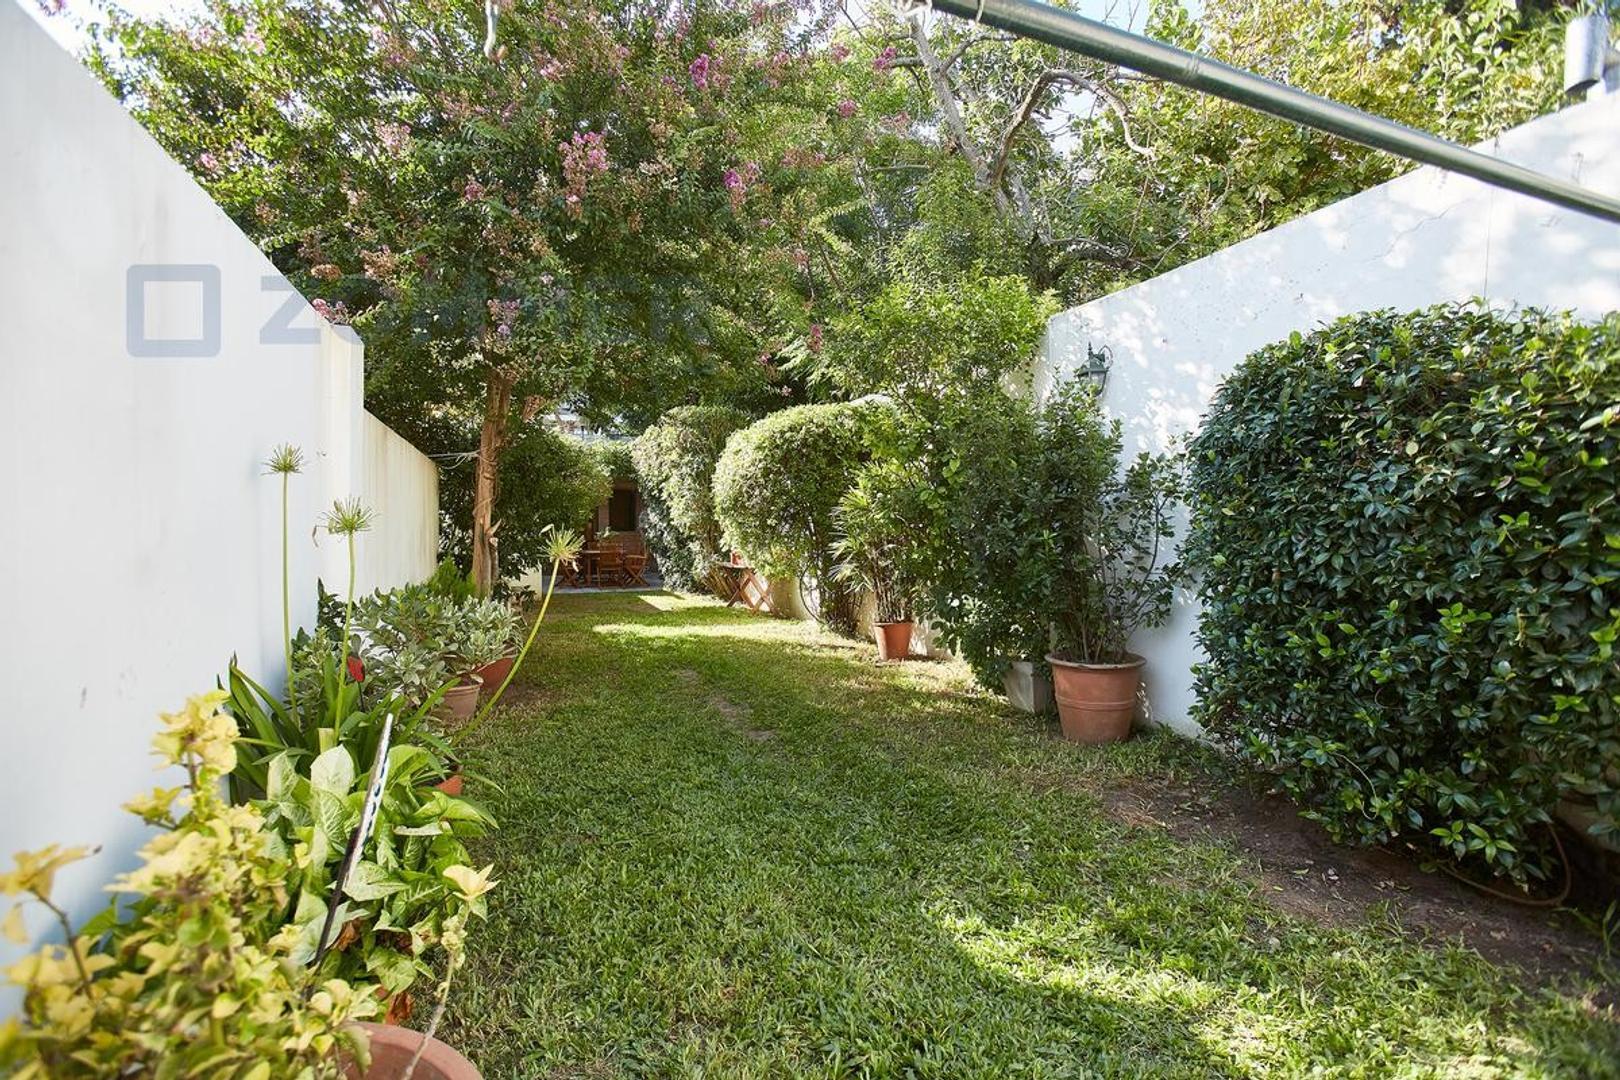 Casa en Venta en Nuñez - 6 ambientes